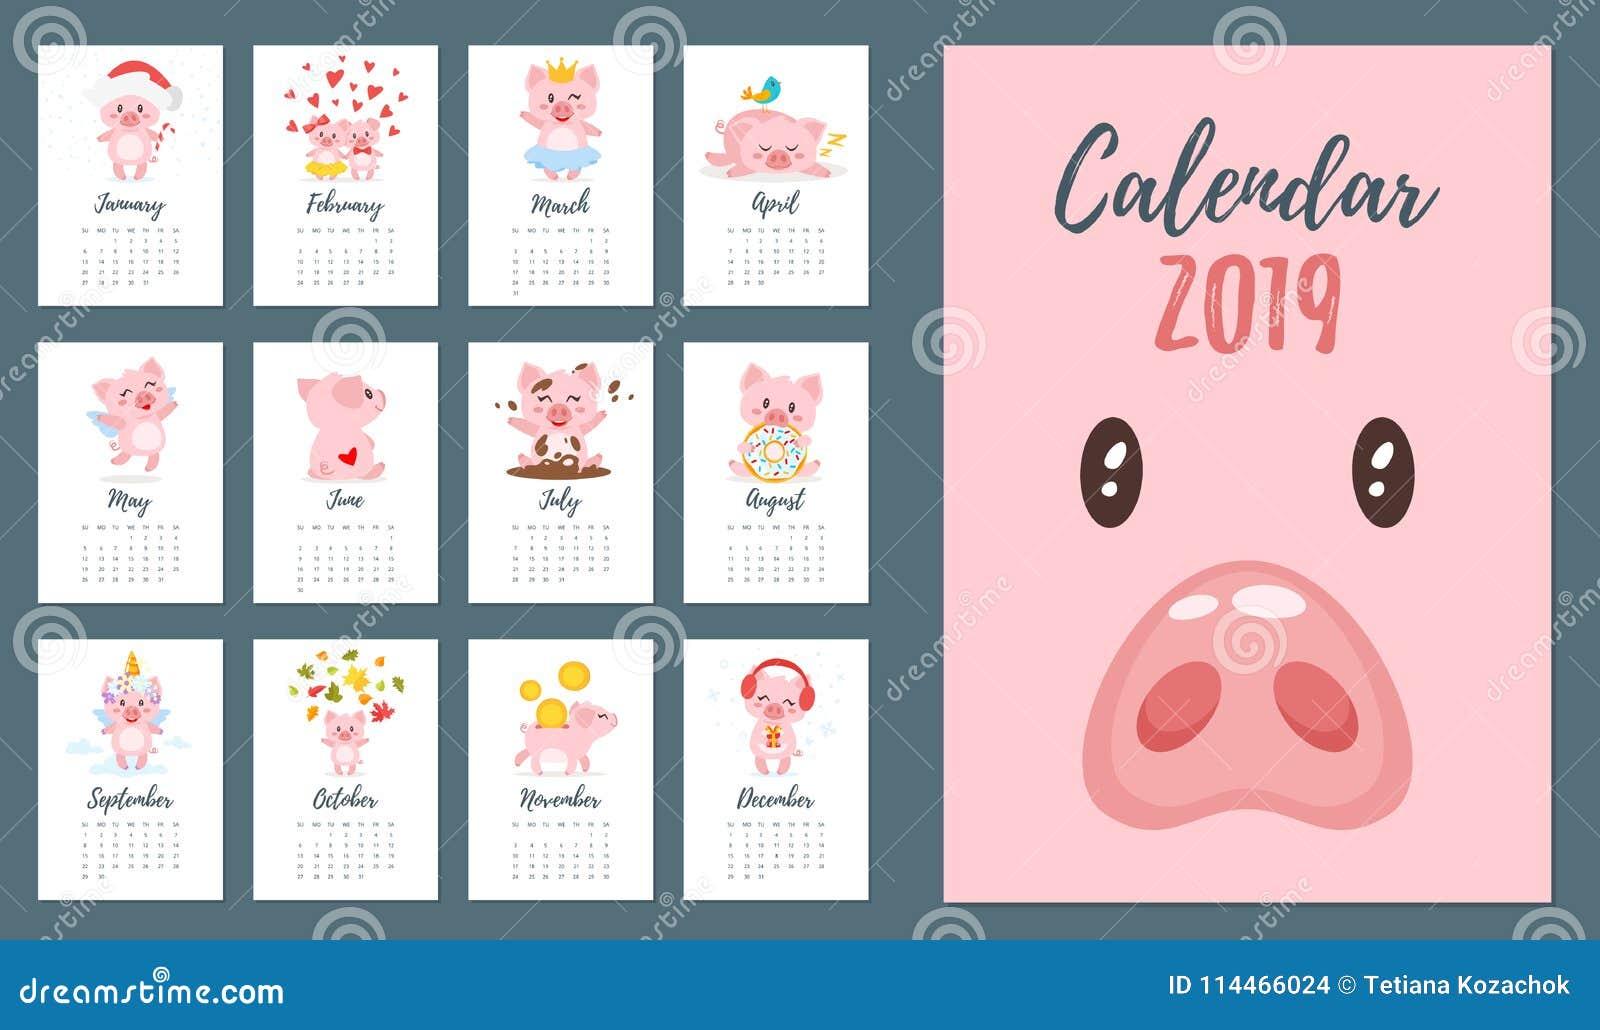 Kalender 2019 för svinårsmånadstidning